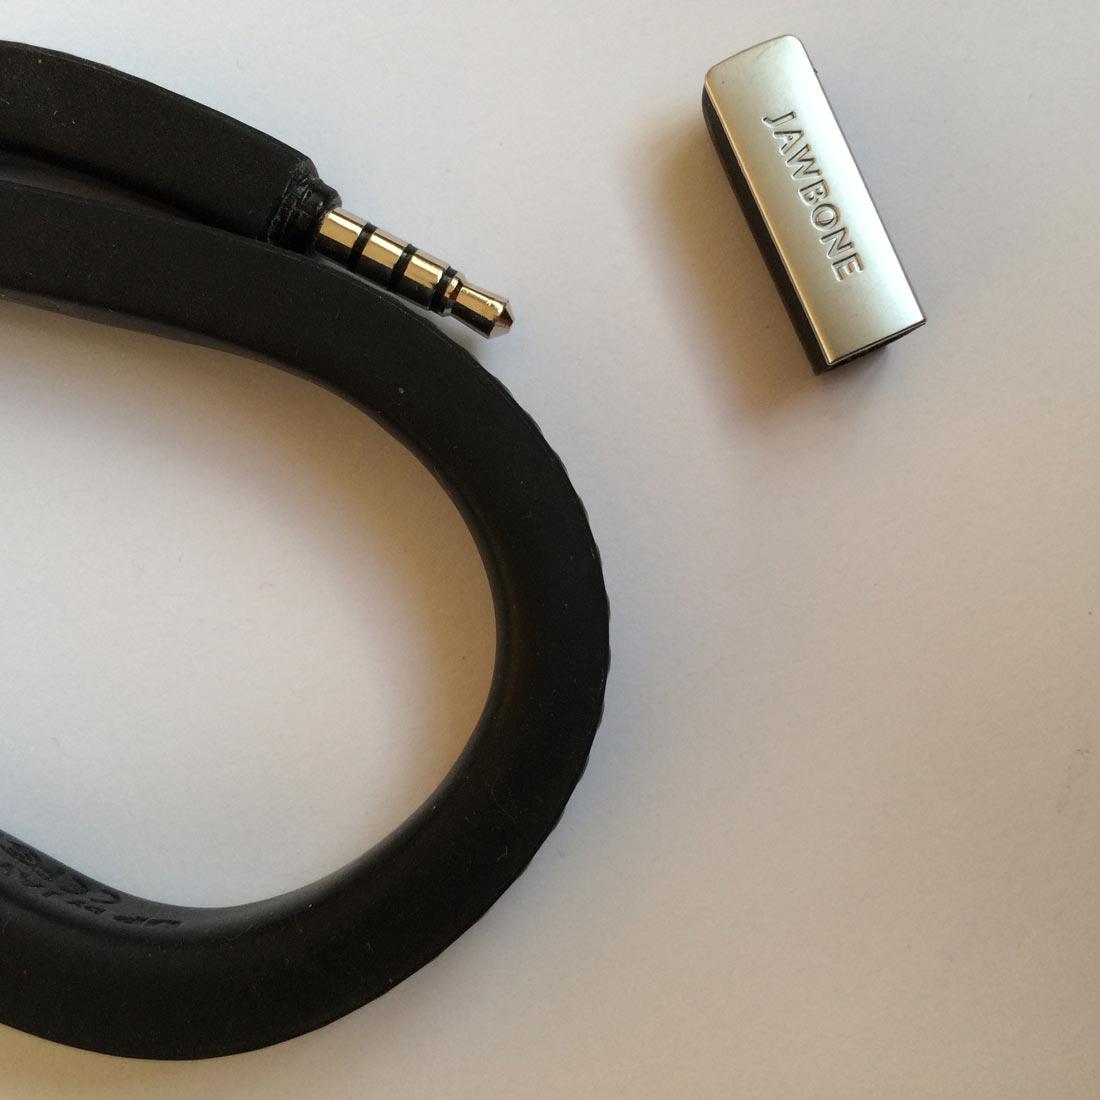 Le bracelet capteur d'activité Jawbone UP avec sa prise jack. Ph. Moctar KANE.